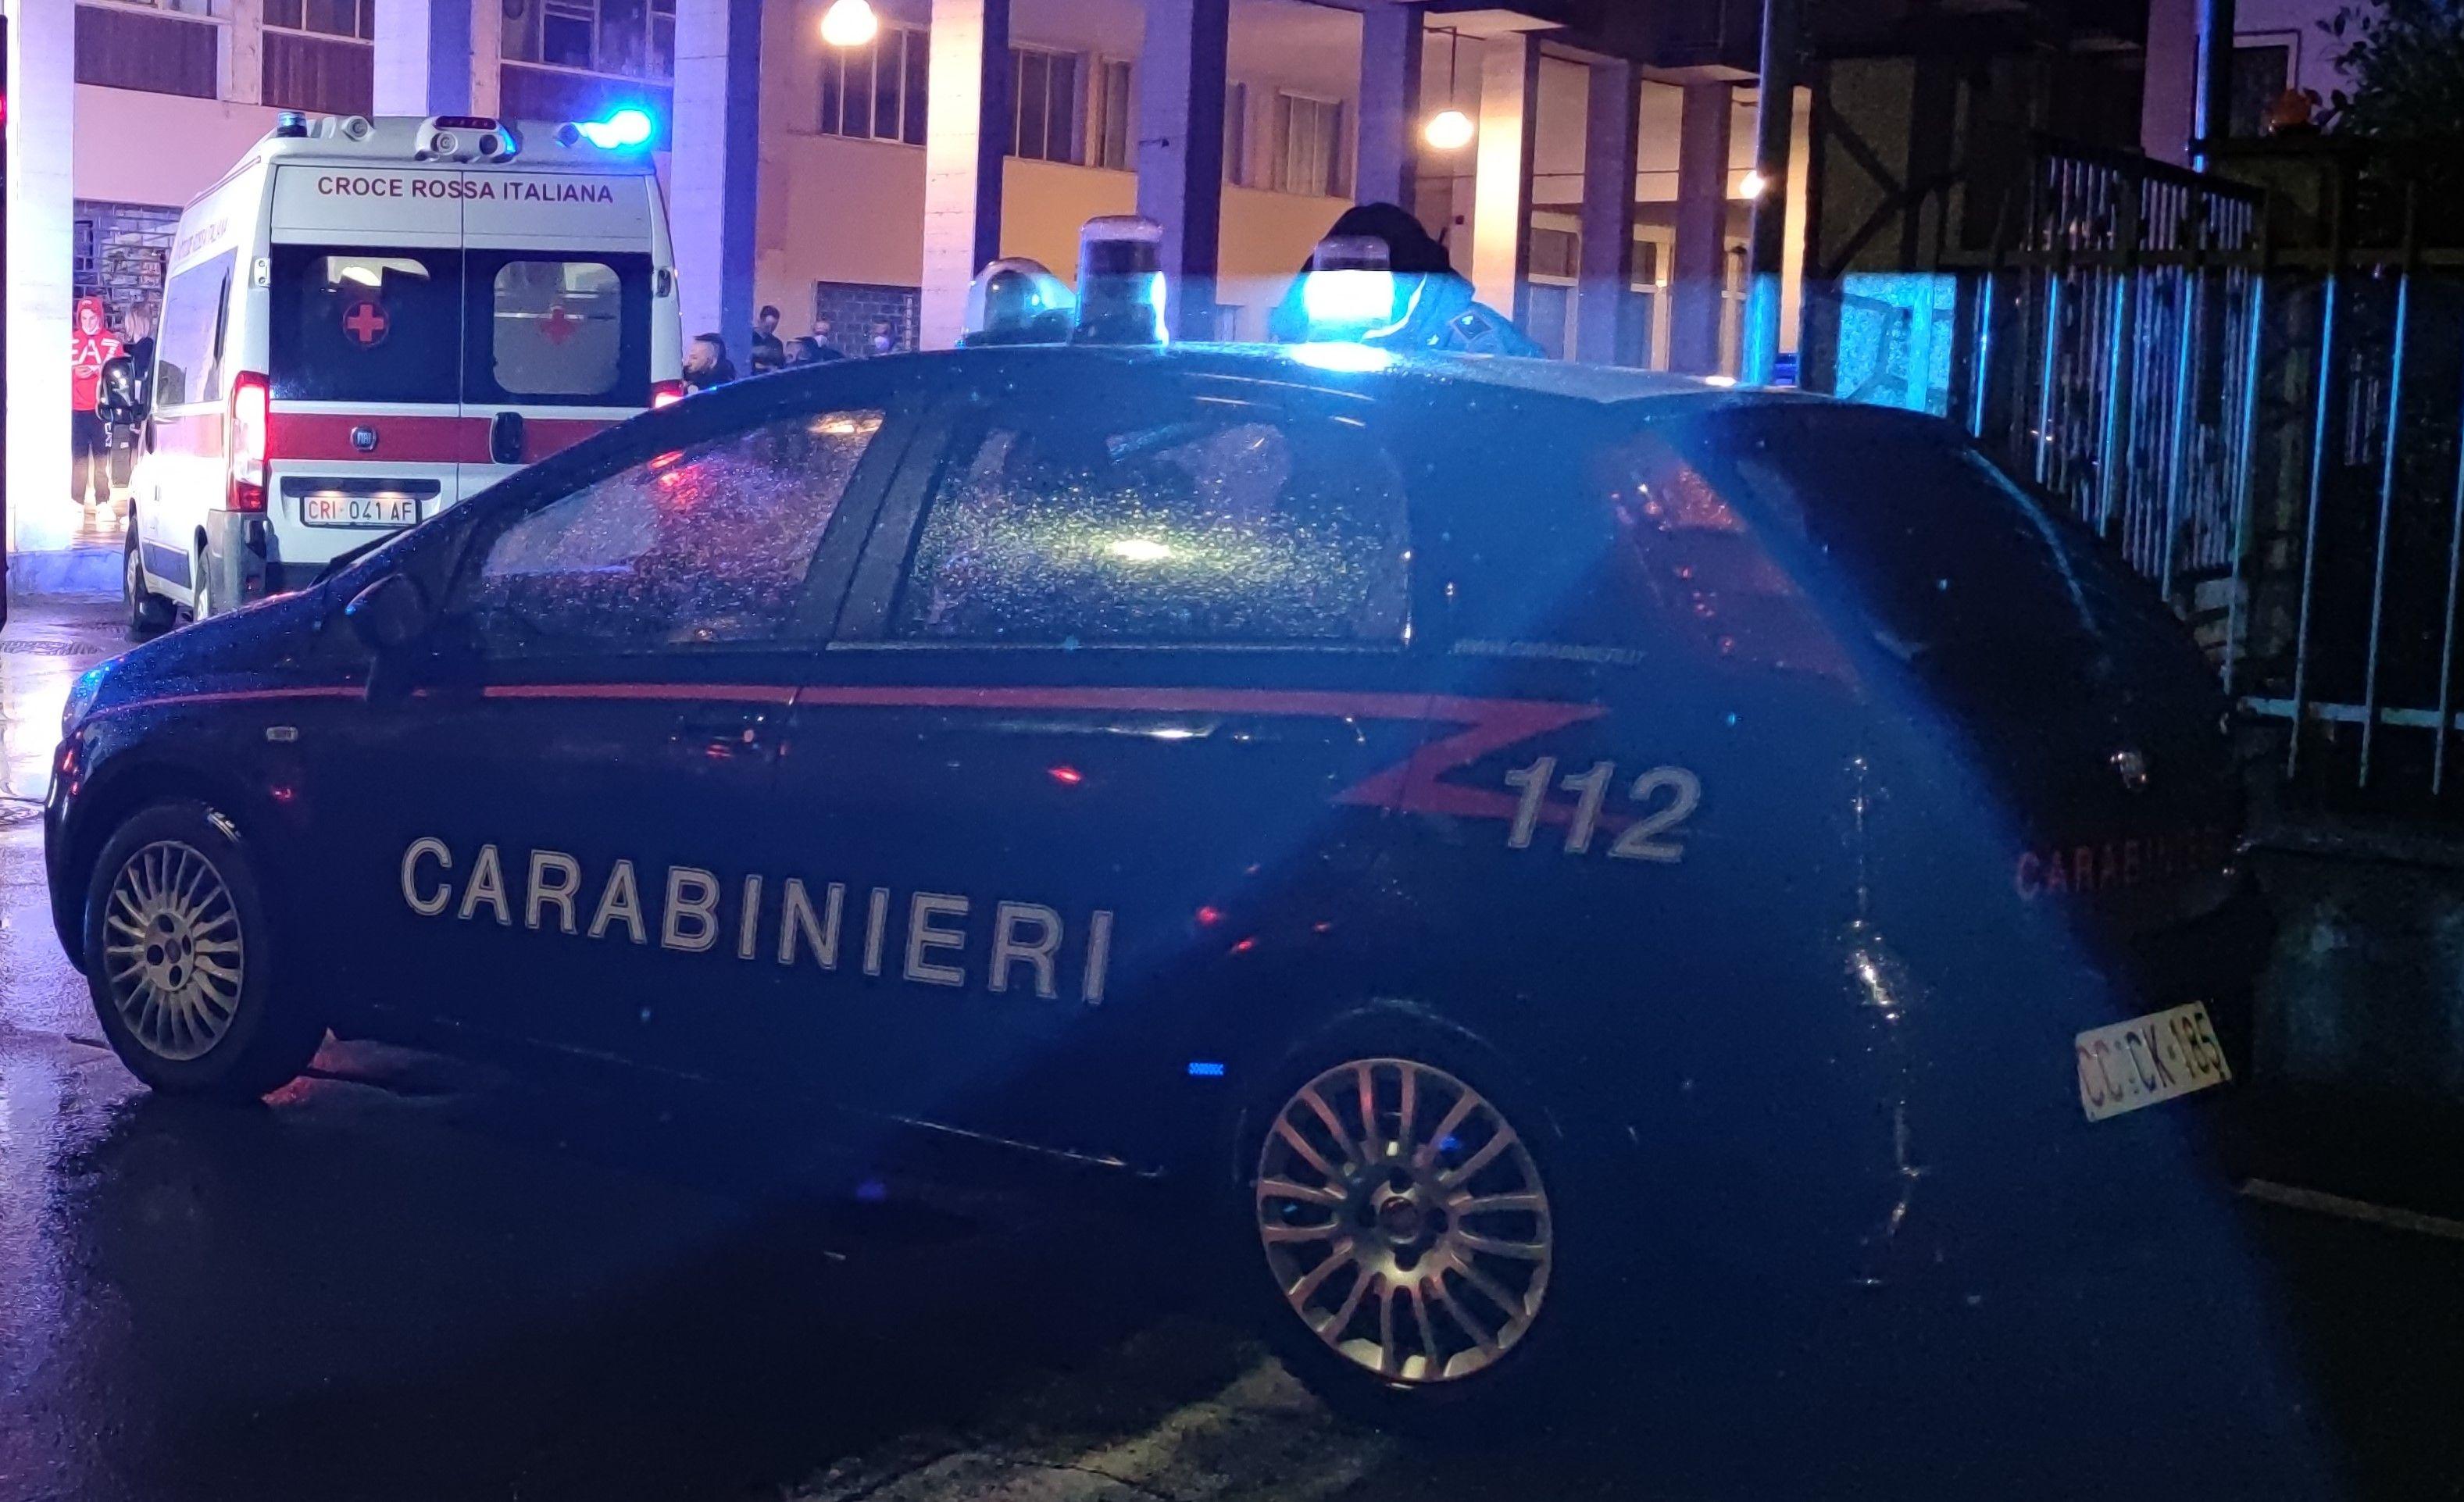 CIRIE' - 50enne massacrato di botte da un gruppo di ragazzi dopo una lite in strada: ora è ricoverato in gravi condizioni